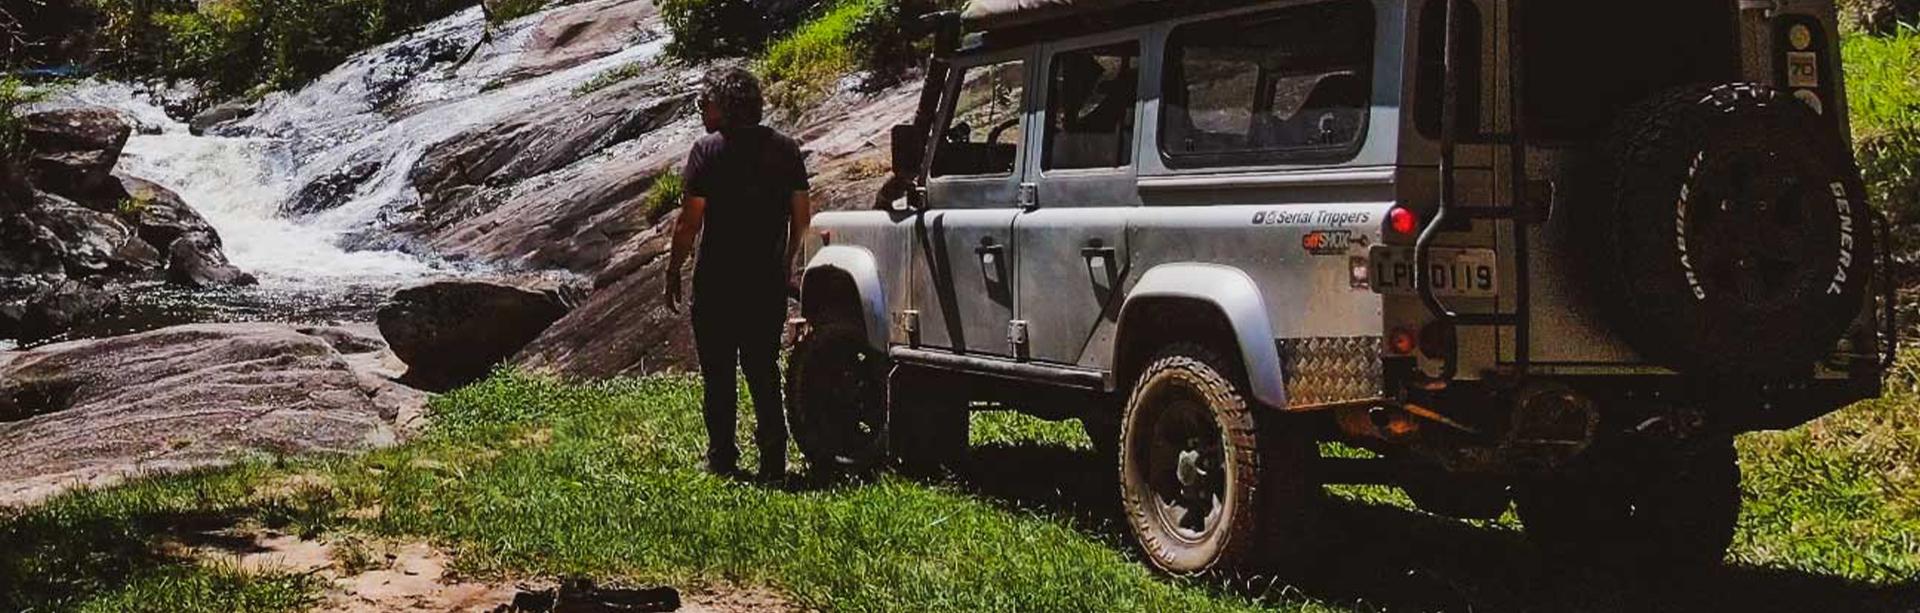 Expedição General Tire | Ep 6 - Paraty (Imagem Pochollo de pé ao lado do seu land rover em frente a uma cachoeira)